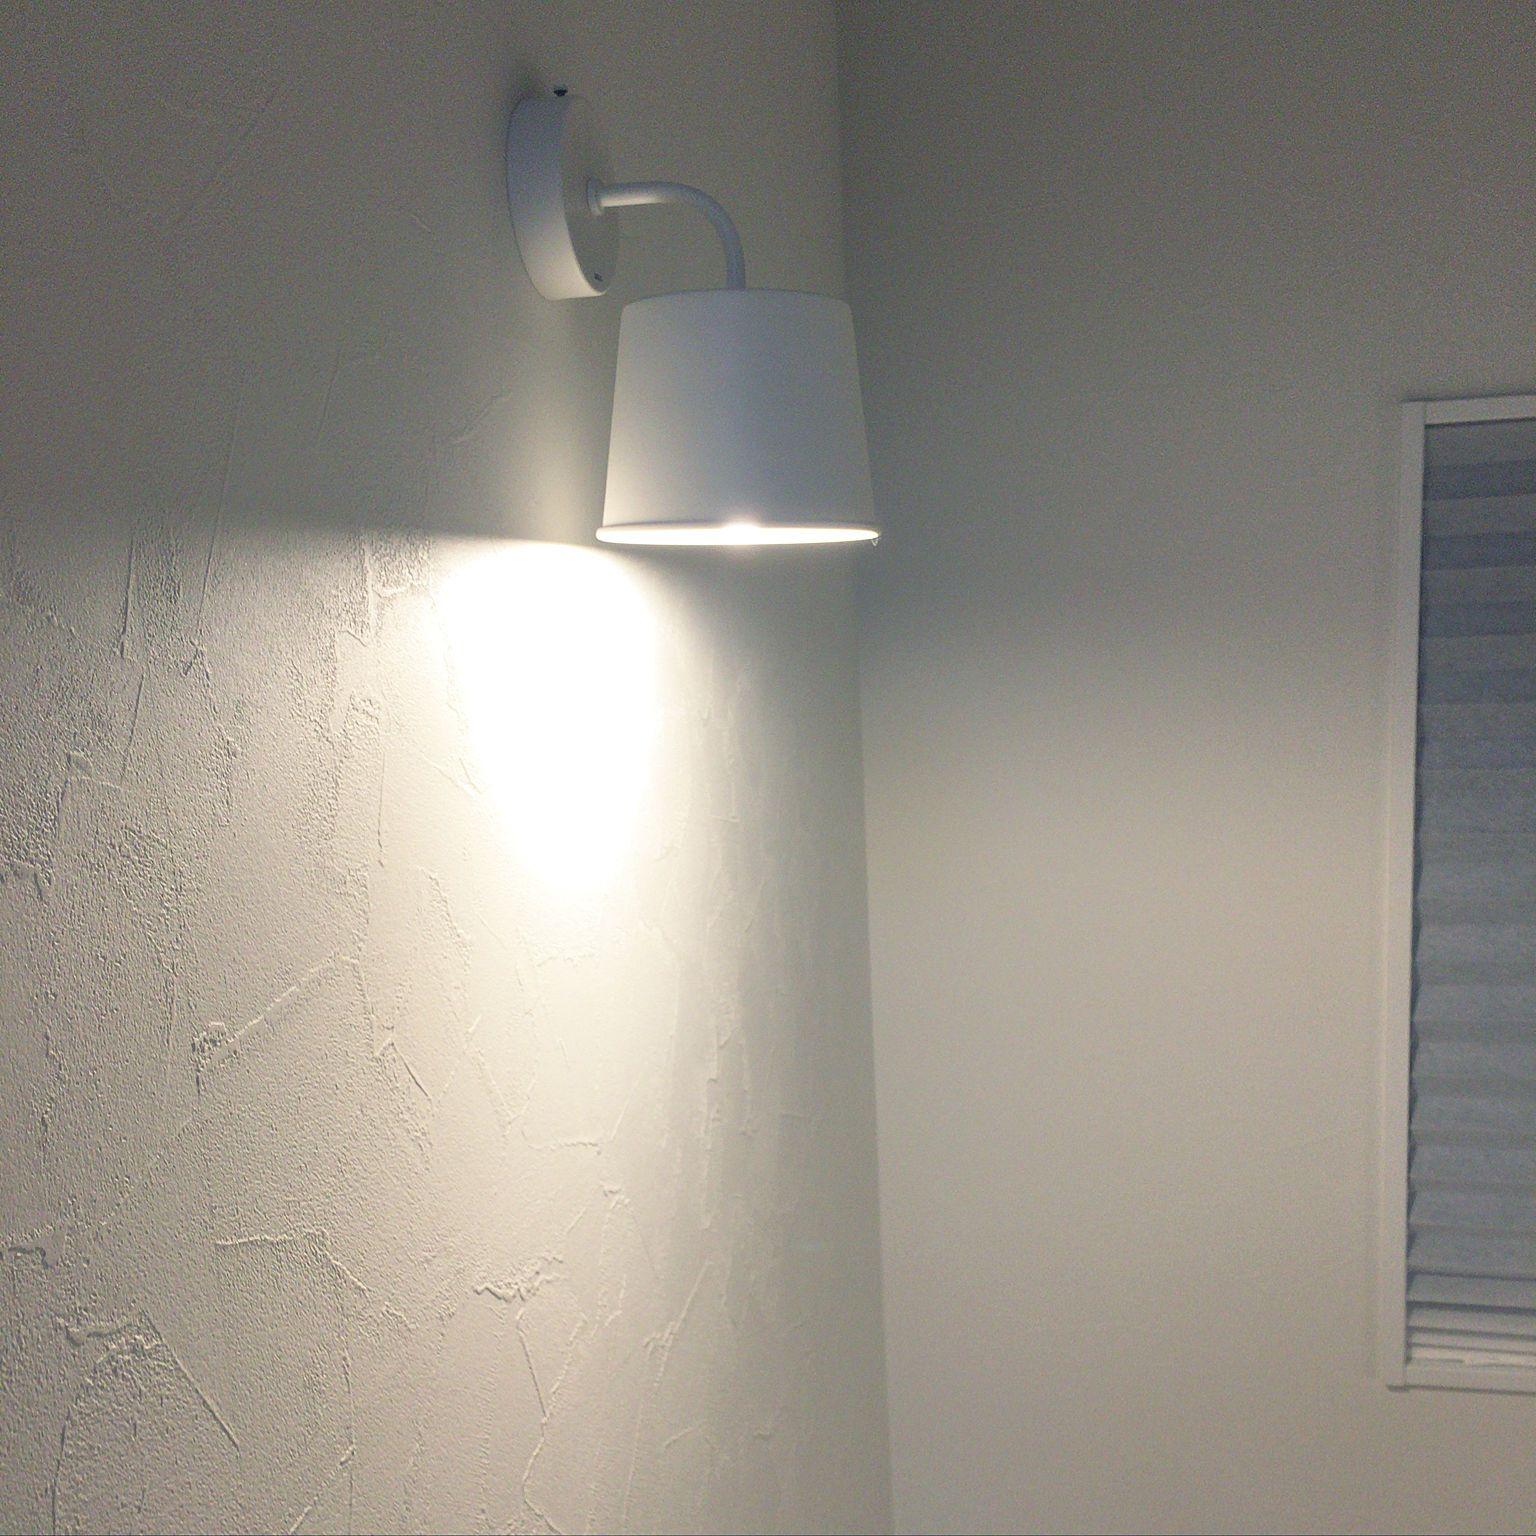 壁 天井 階段 好きなサイズに切れる Ikeaの安いカーテン サンゲツクロス などのインテリア実例 18 12 13 22 50 26 Roomclip ルームクリップ サンゲツ 壁面照明 インテリア クロス